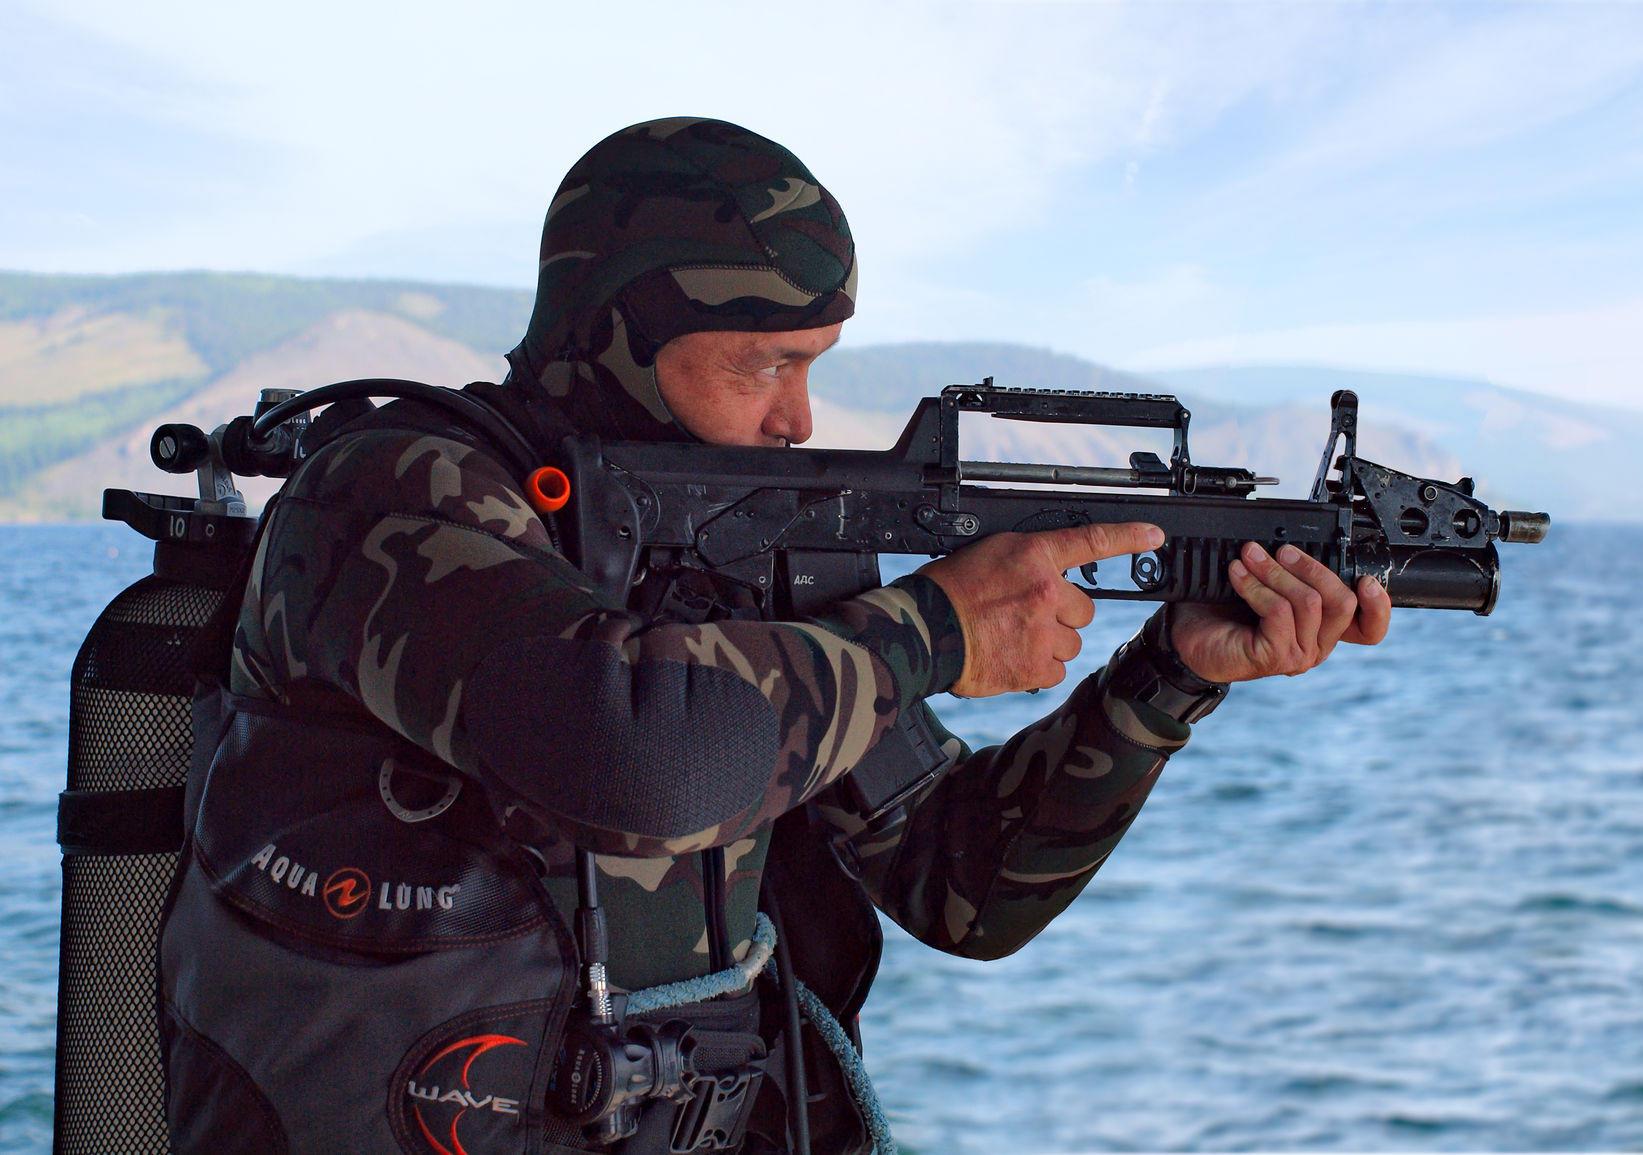 National Interest: Армия России, в отличие от НАТО, готова к любой войне